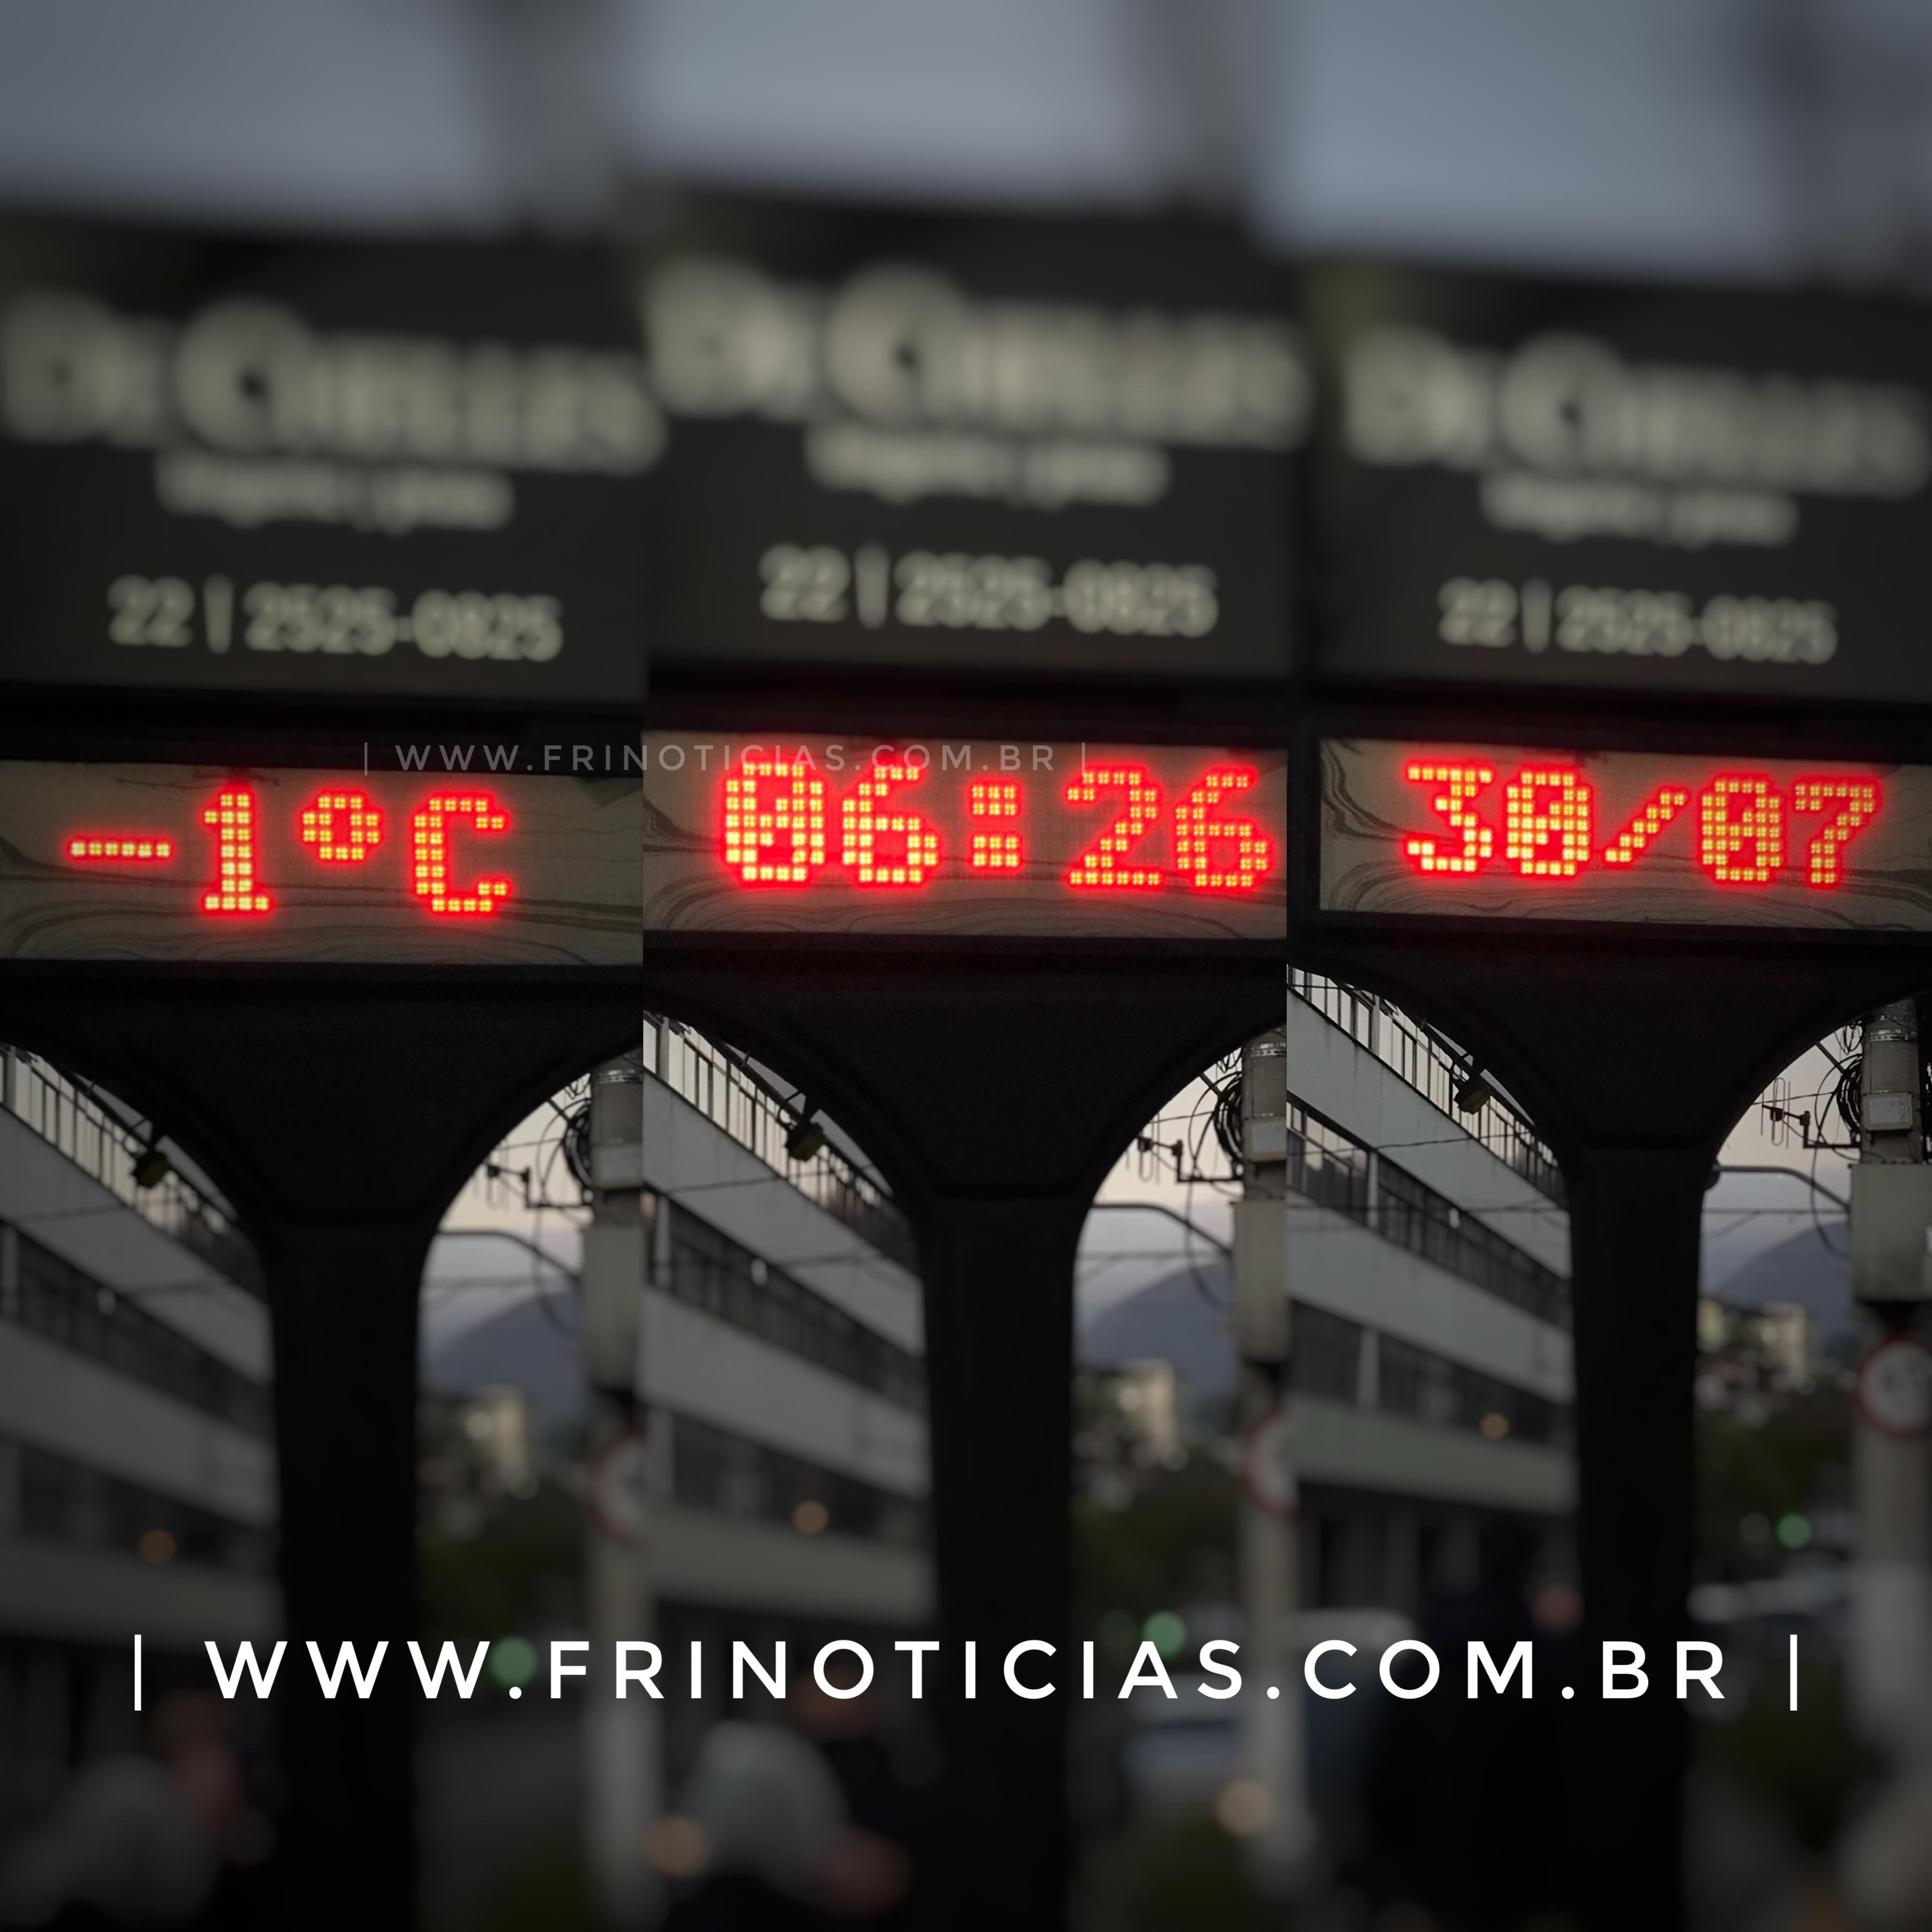 Termômetro no Centro de Nova Friburgo, RJ, registra -1°C nesta sexta-feira, (30).